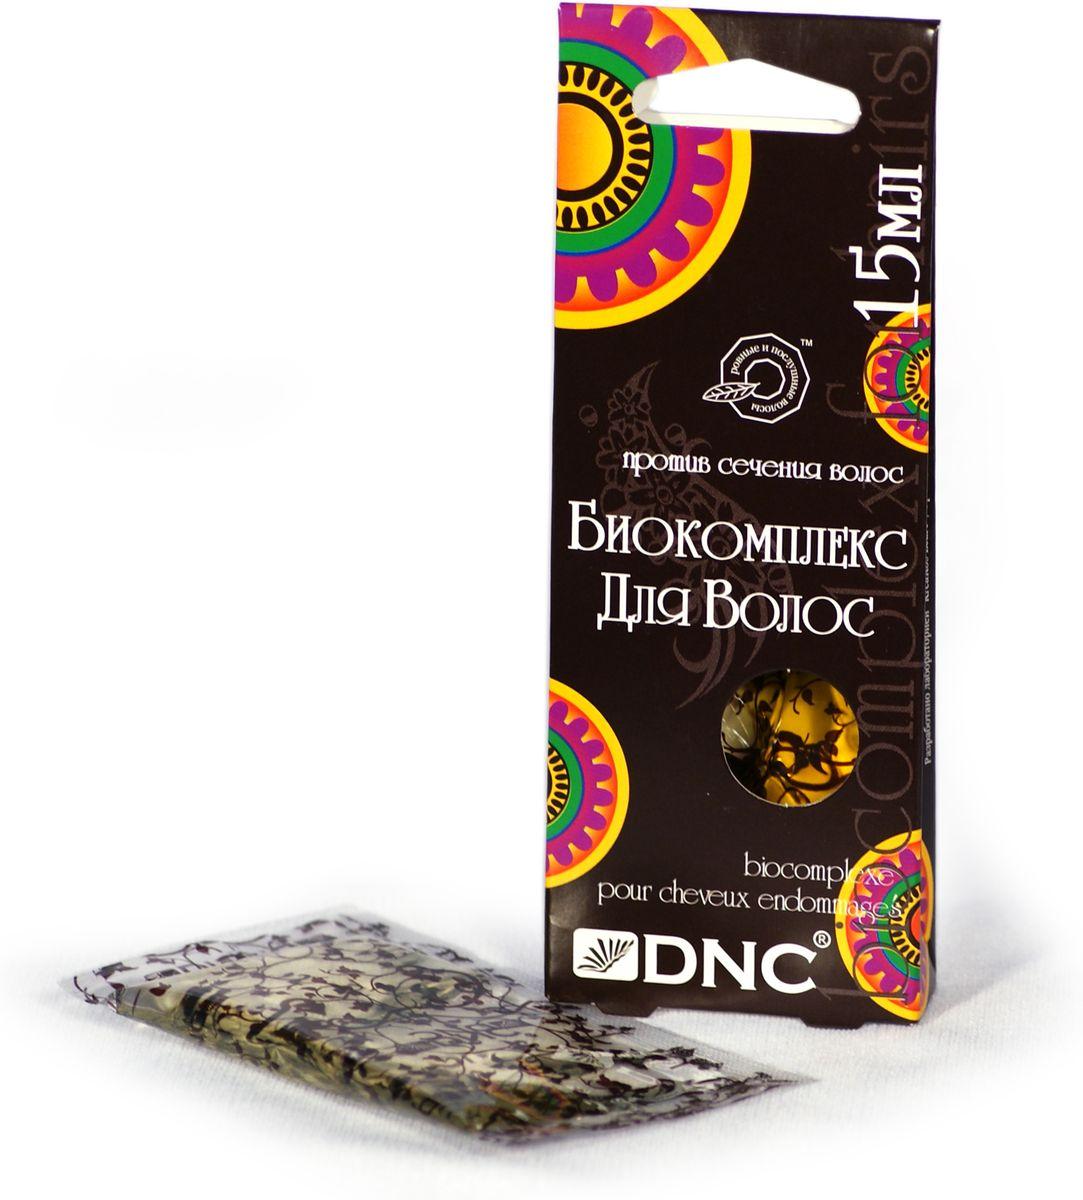 DNC Биокомплекс для волос против сечения 15 мл4751006753365Сбалансированное средство с богатым содержанием природных питательных веществ и экстрактов для улучшения выработки красящего пигмента волос и усиления естественного блеска. Благодаря высокому содержанию сока алоэ, коллагеновому комплексу, экстракту золотого корня, розмарина и крапивы биоактивный комплекс способствует нормализации обменных процессов в кожном покрове головы, насыщает кислородом корни волос и улучшает выработку естественного красящего пигмента, способствуя росту сильных и послушных волос.